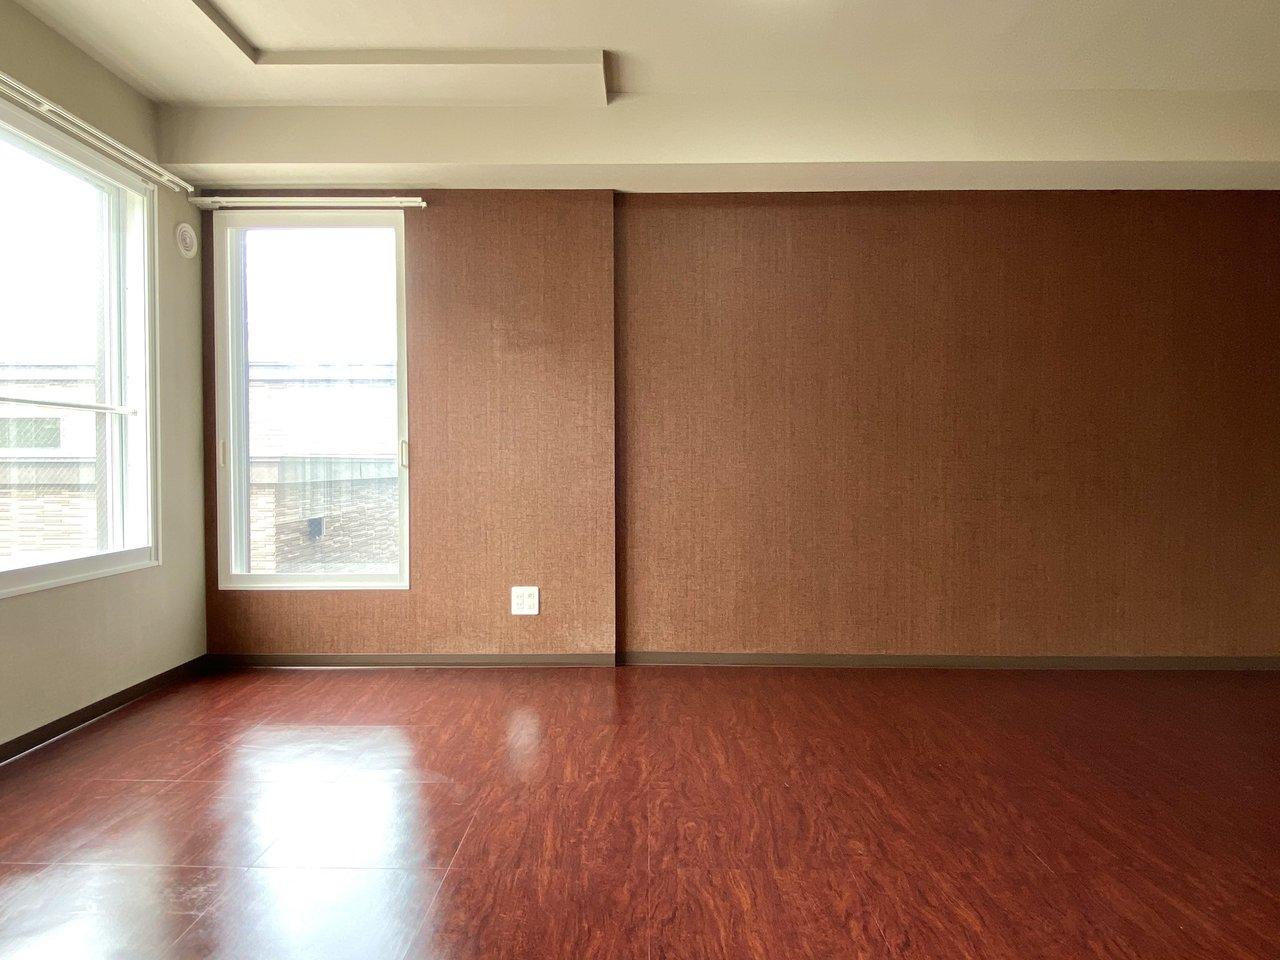 床・壁ともに温かみのあるデザインになっています。暖色系のライトで照らすと、より落ち着きのあるお部屋になりそう。